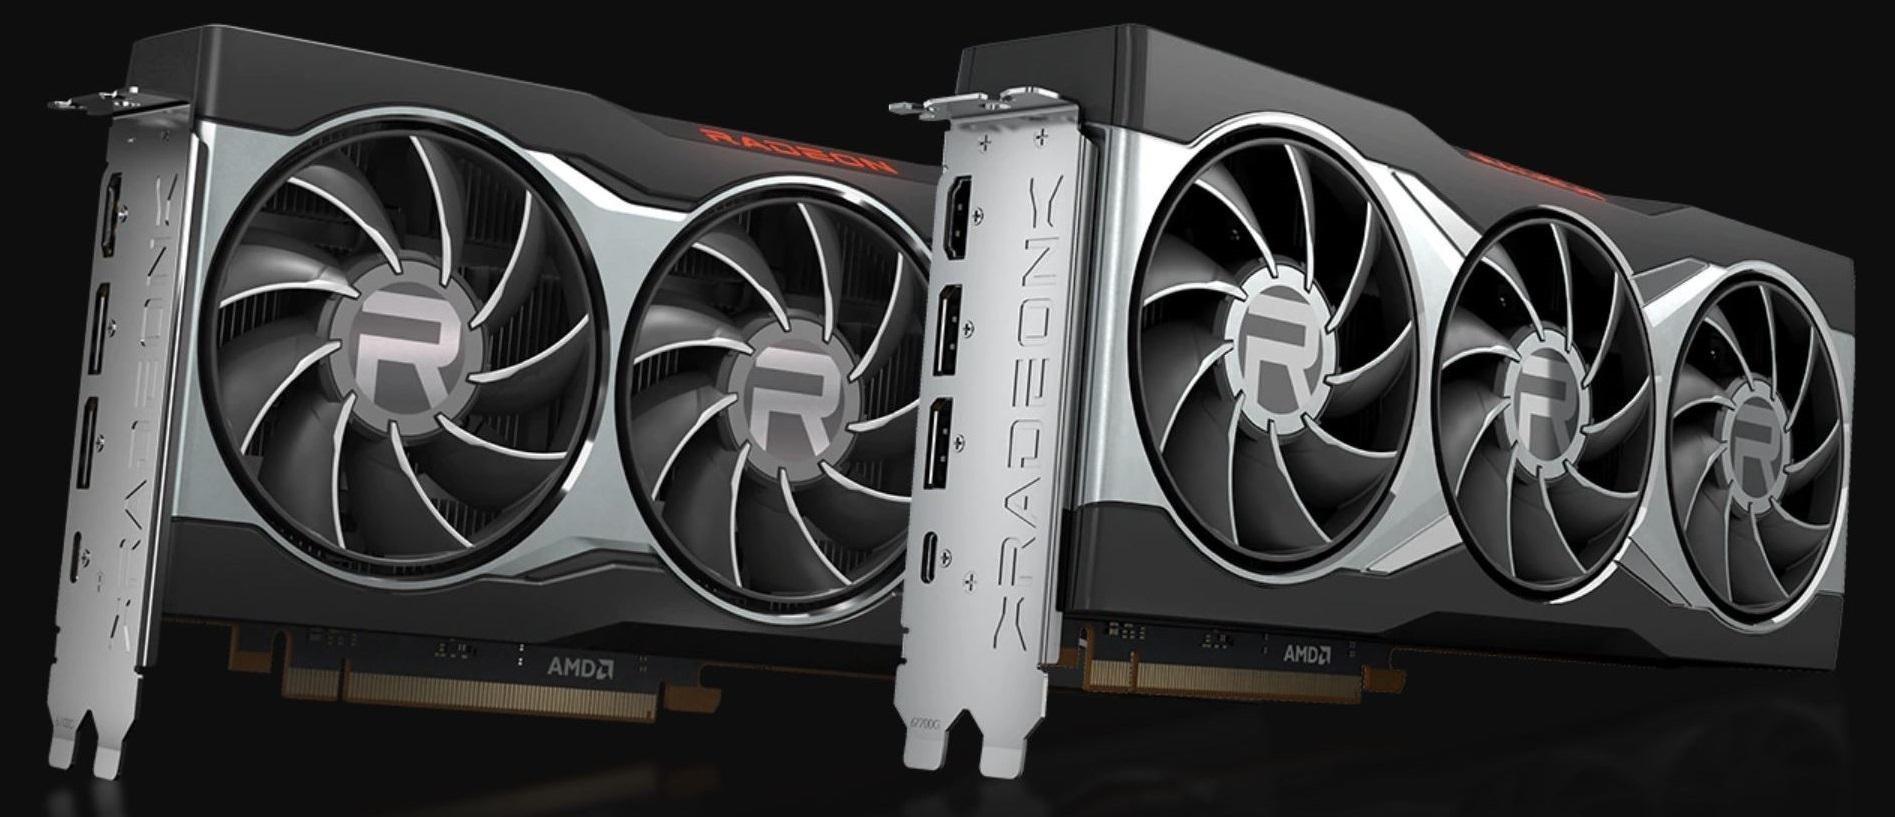 High-Tech : Fuite nouveautés GPU AMD